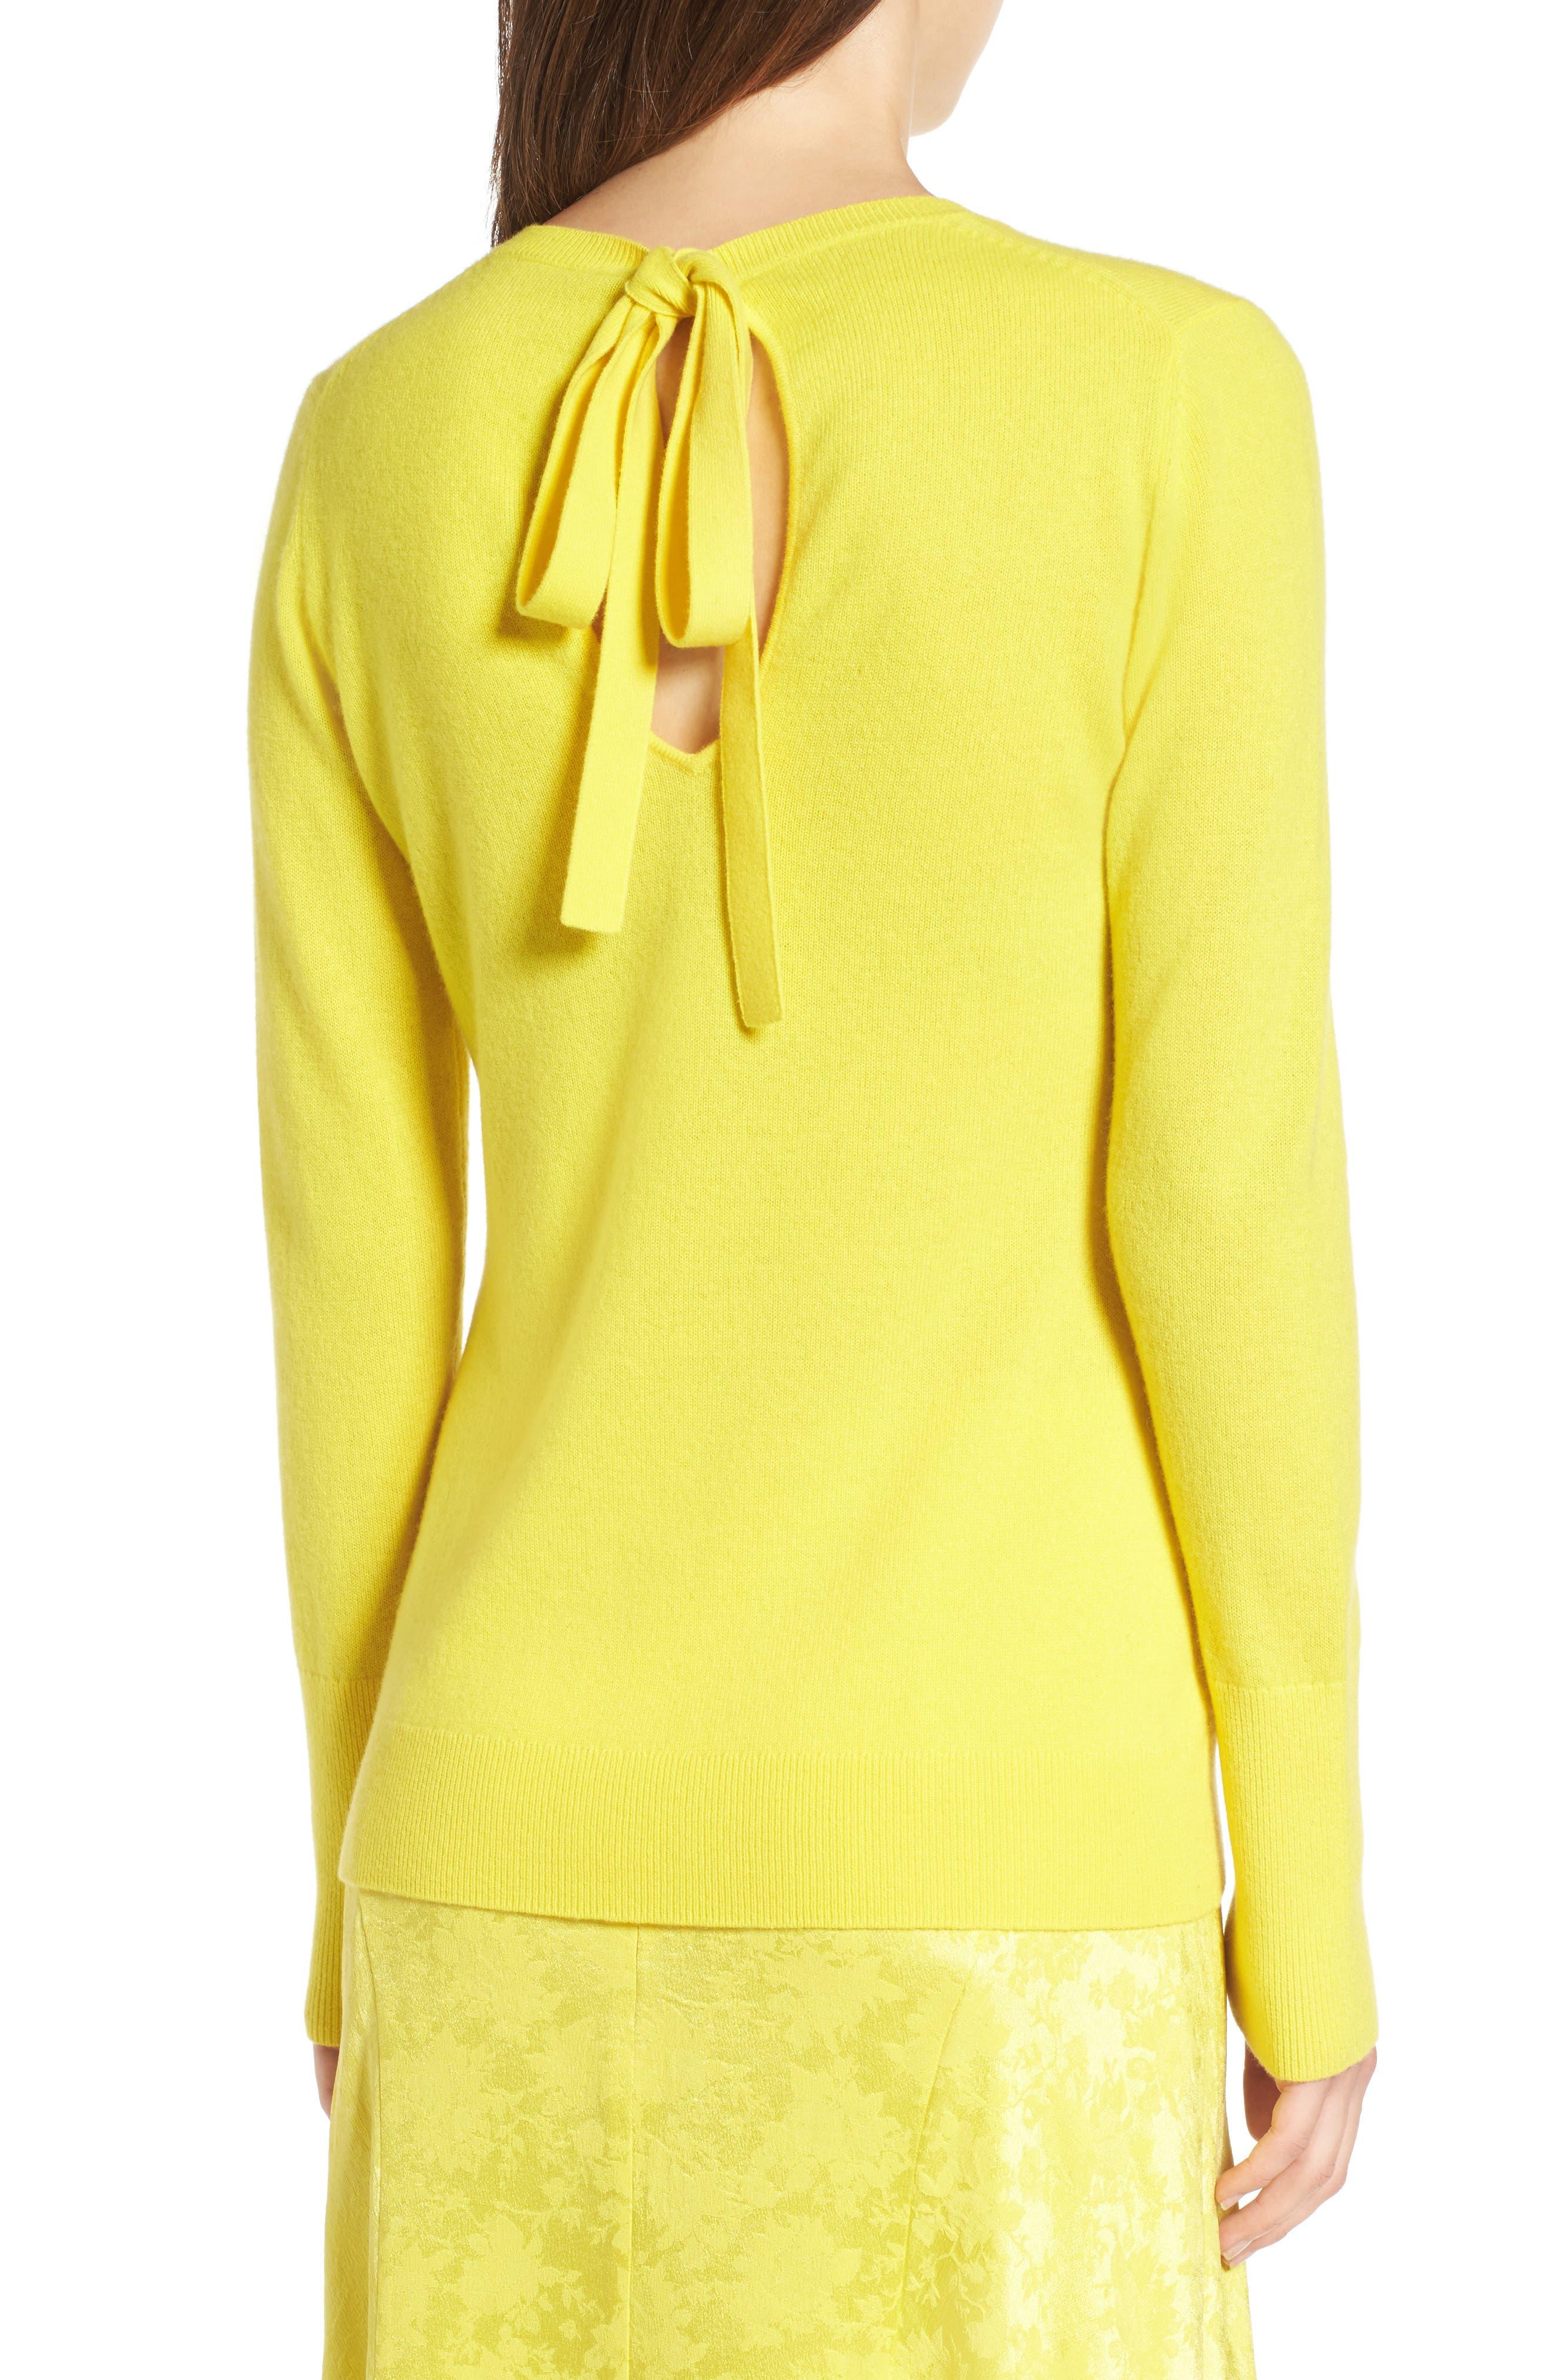 Yellowblaze sleeves for sleeveless dresses